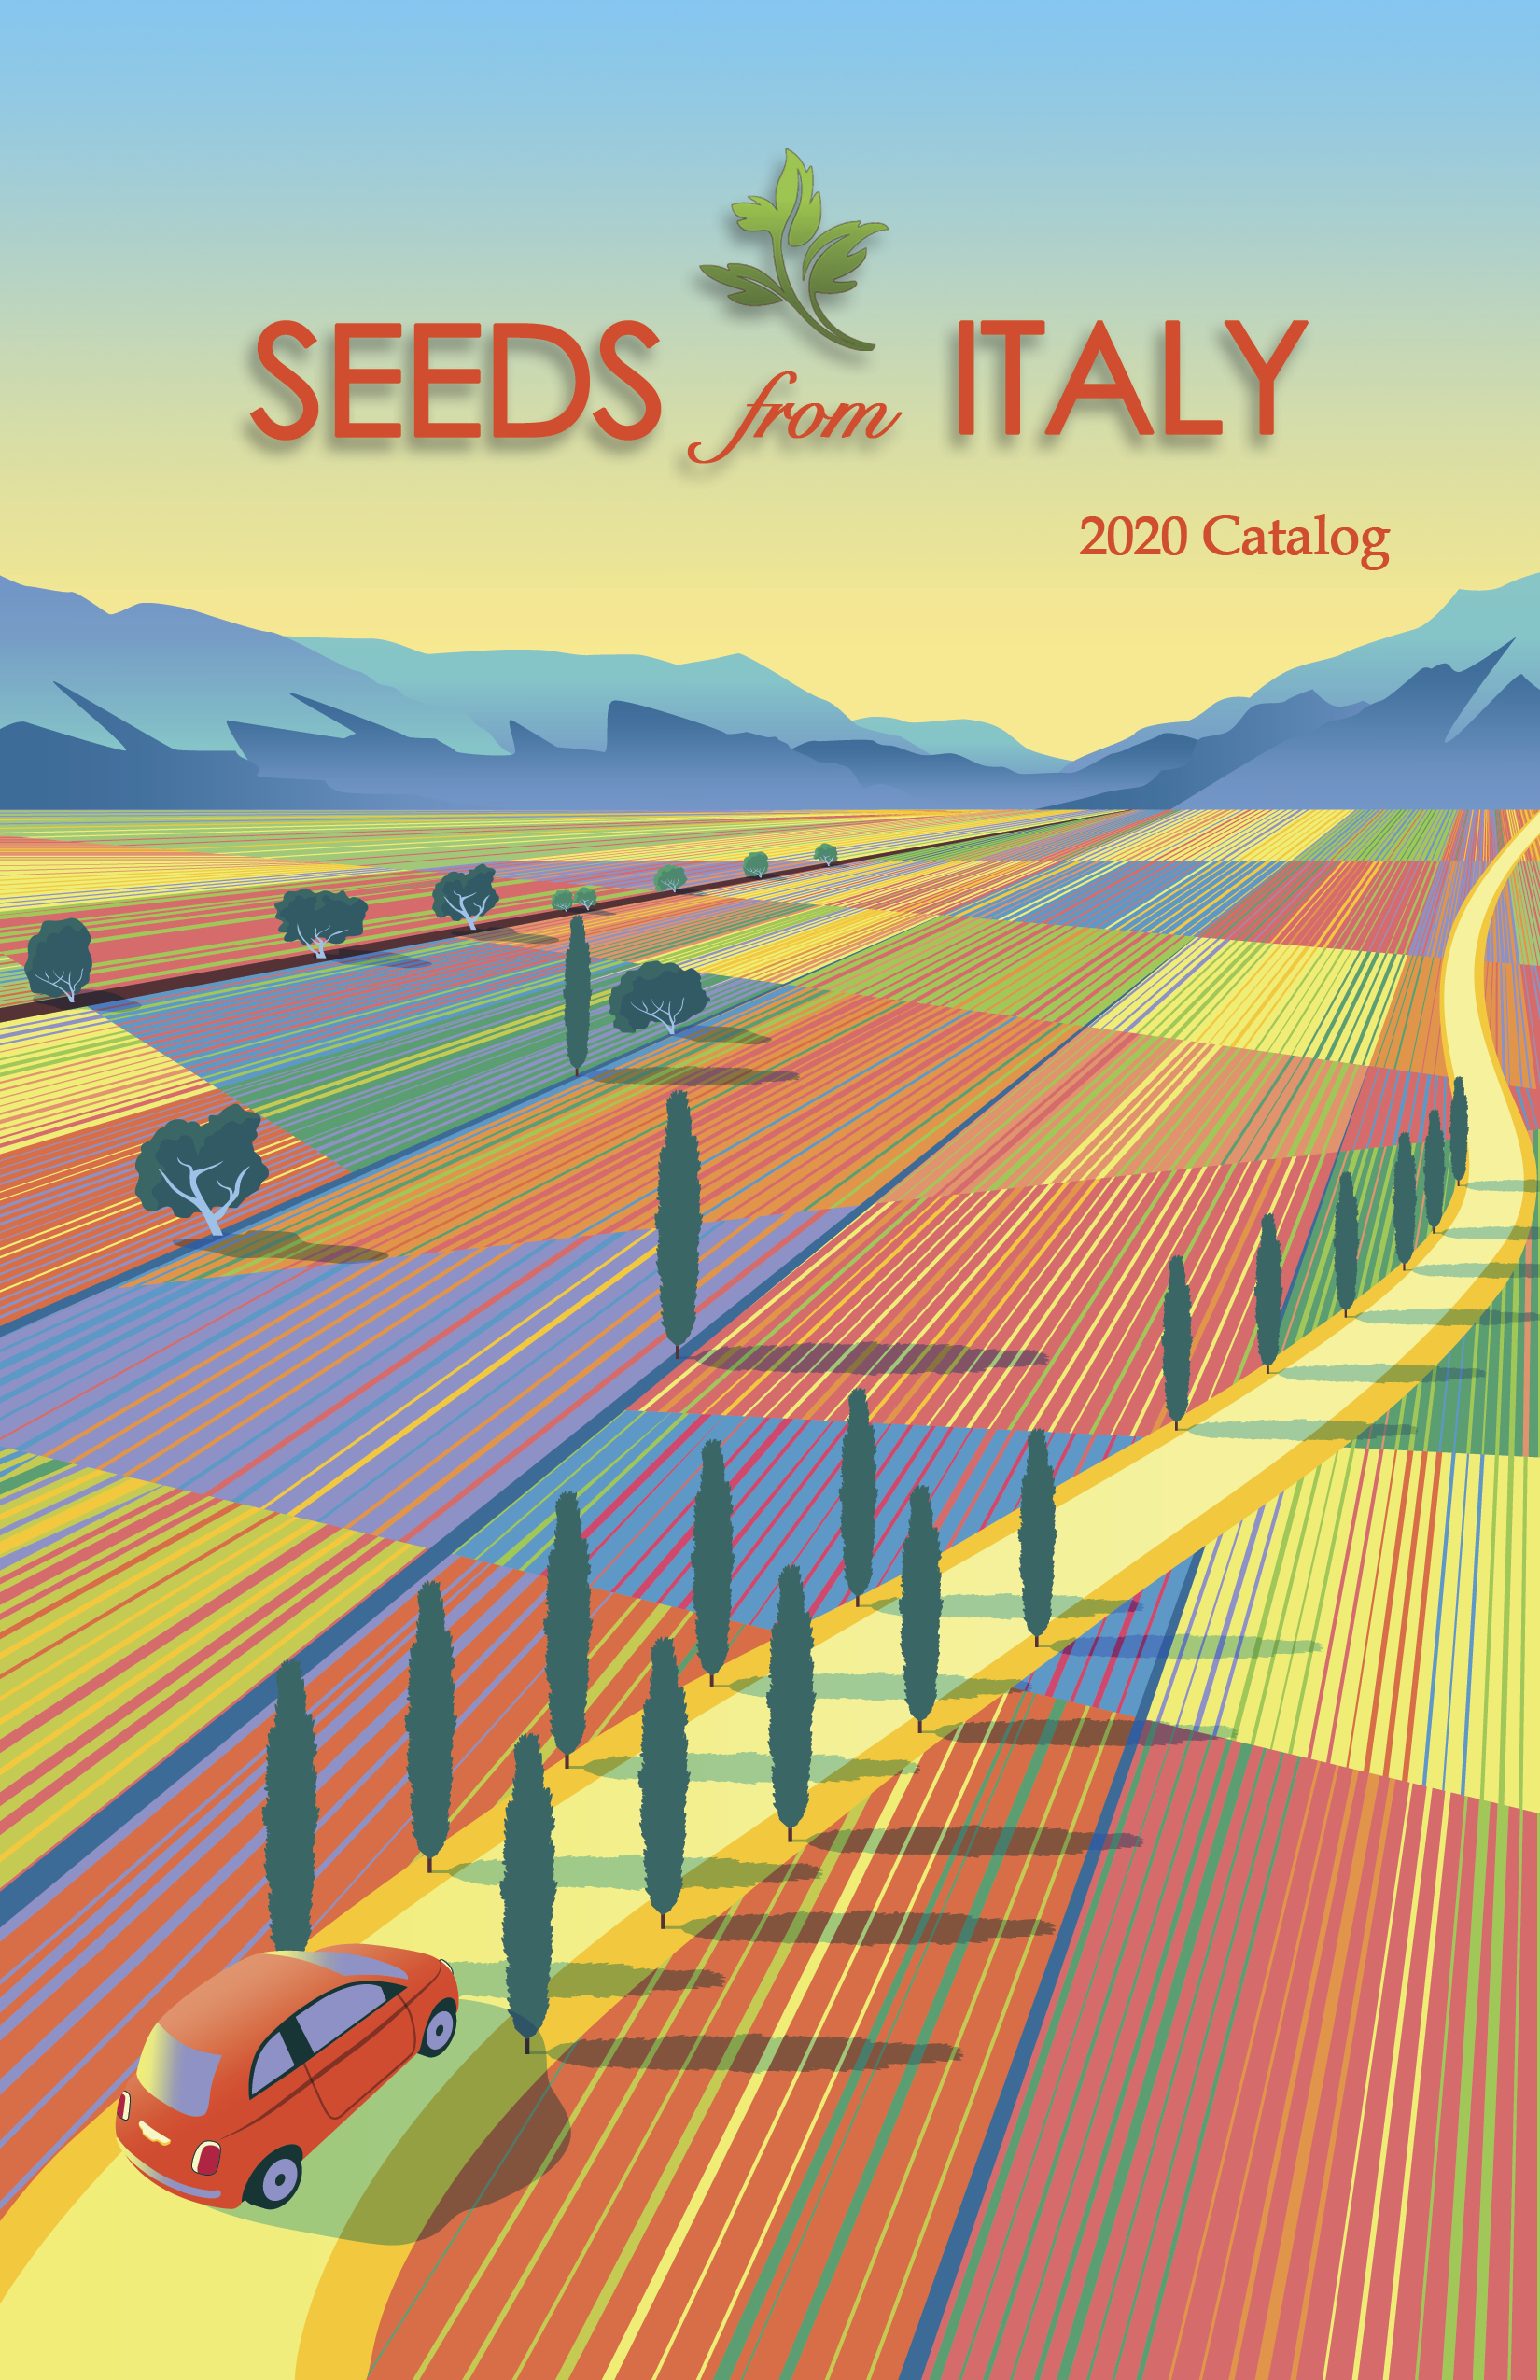 catalog-cover-2020.jpg